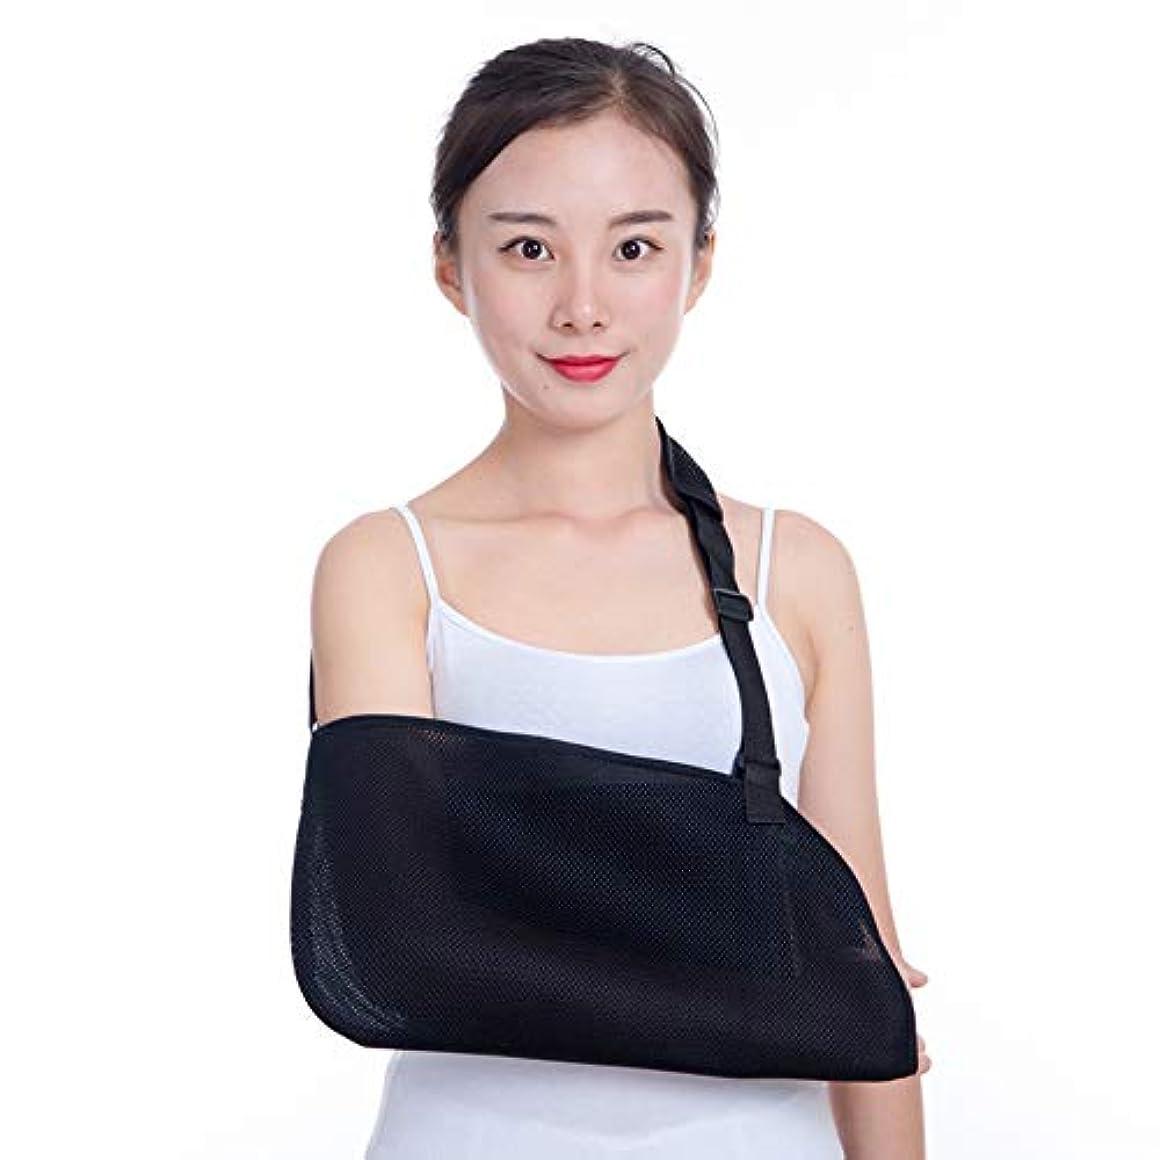 交流する靴下枠メッシュアームサポートスリング、ショルダーイモビライザーブレース、通気性と軽量、肩、腕、肘、回旋腱板の痛みを完全に調整可能